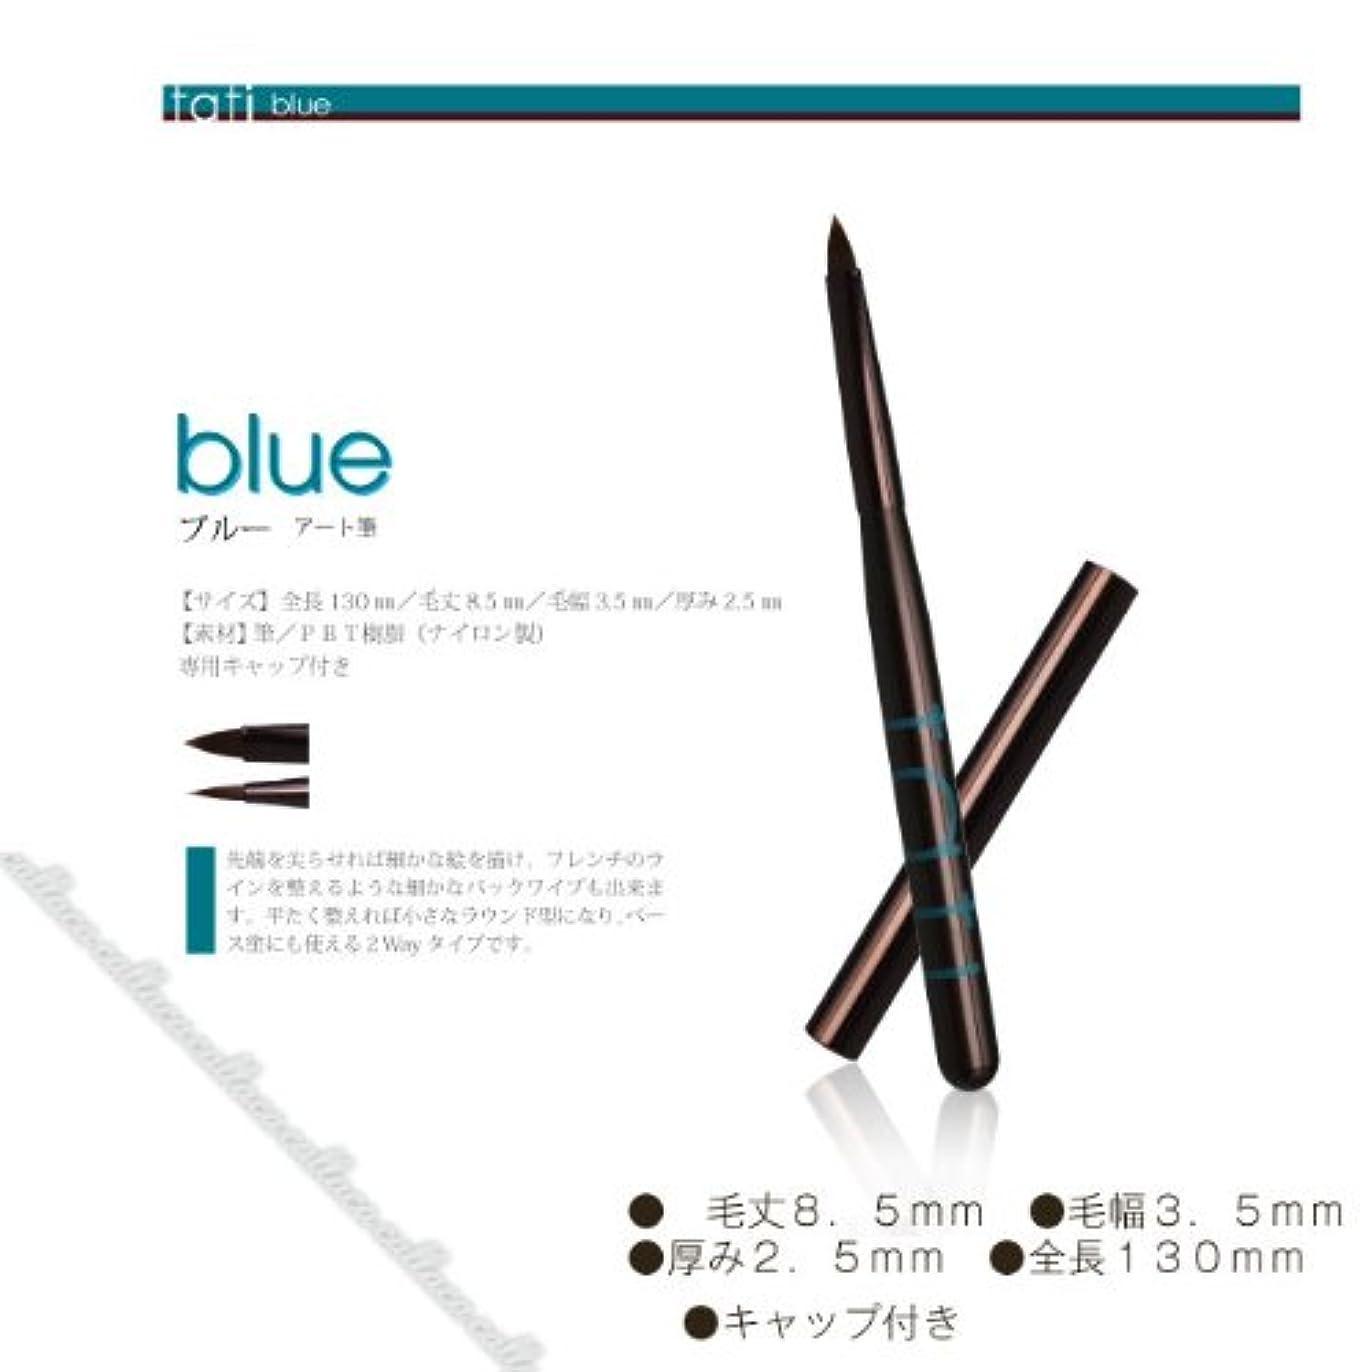 記憶に残る一杯二度tati ジェル ブラシアートショコラ blue(ブルー)